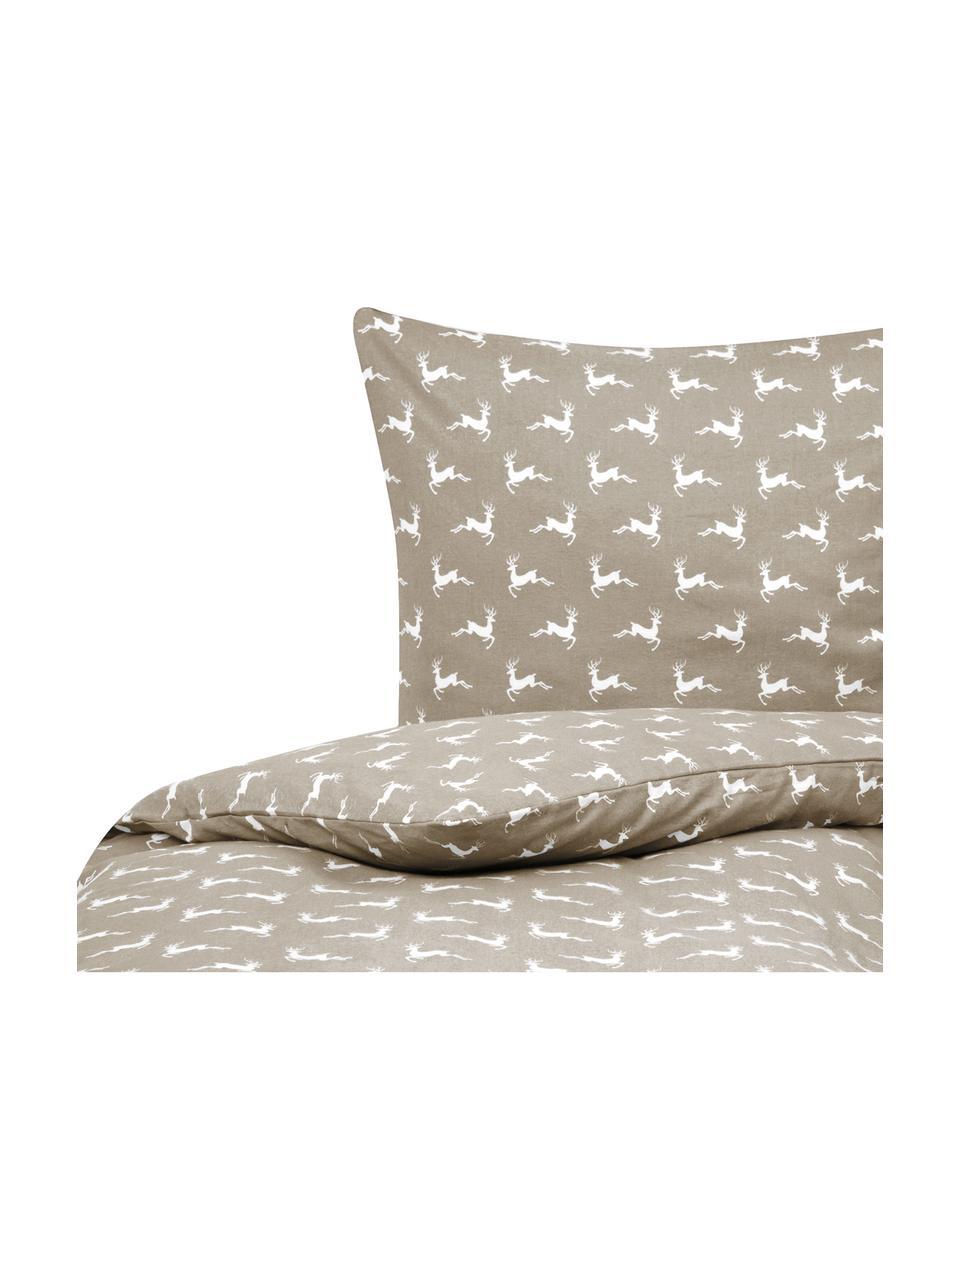 Flanell-Bettwäsche Rudolph mit Rentieren, Webart: Flanell Flanell ist ein k, Beige, Weiß, 135 x 200 cm + 1 Kissen 80 x 80 cm